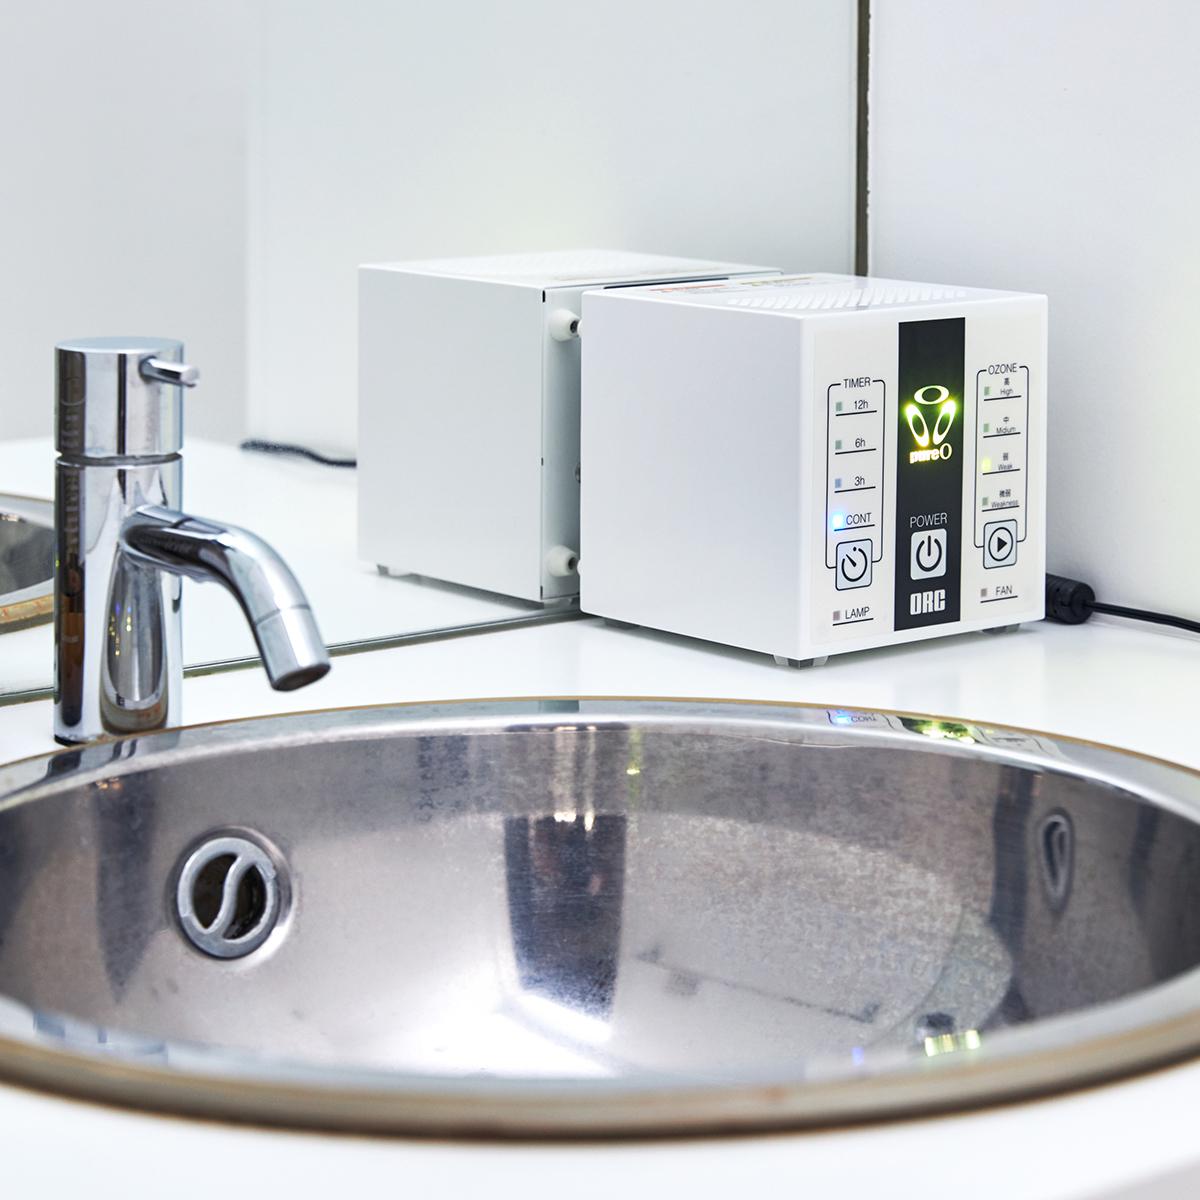 諏訪の職人たちの手技が生んだ逸品(4)日本初、特許のUVランプでウイルス・菌を不活化させる「オゾン発生器・間接照明ランプ」|RoomiAir